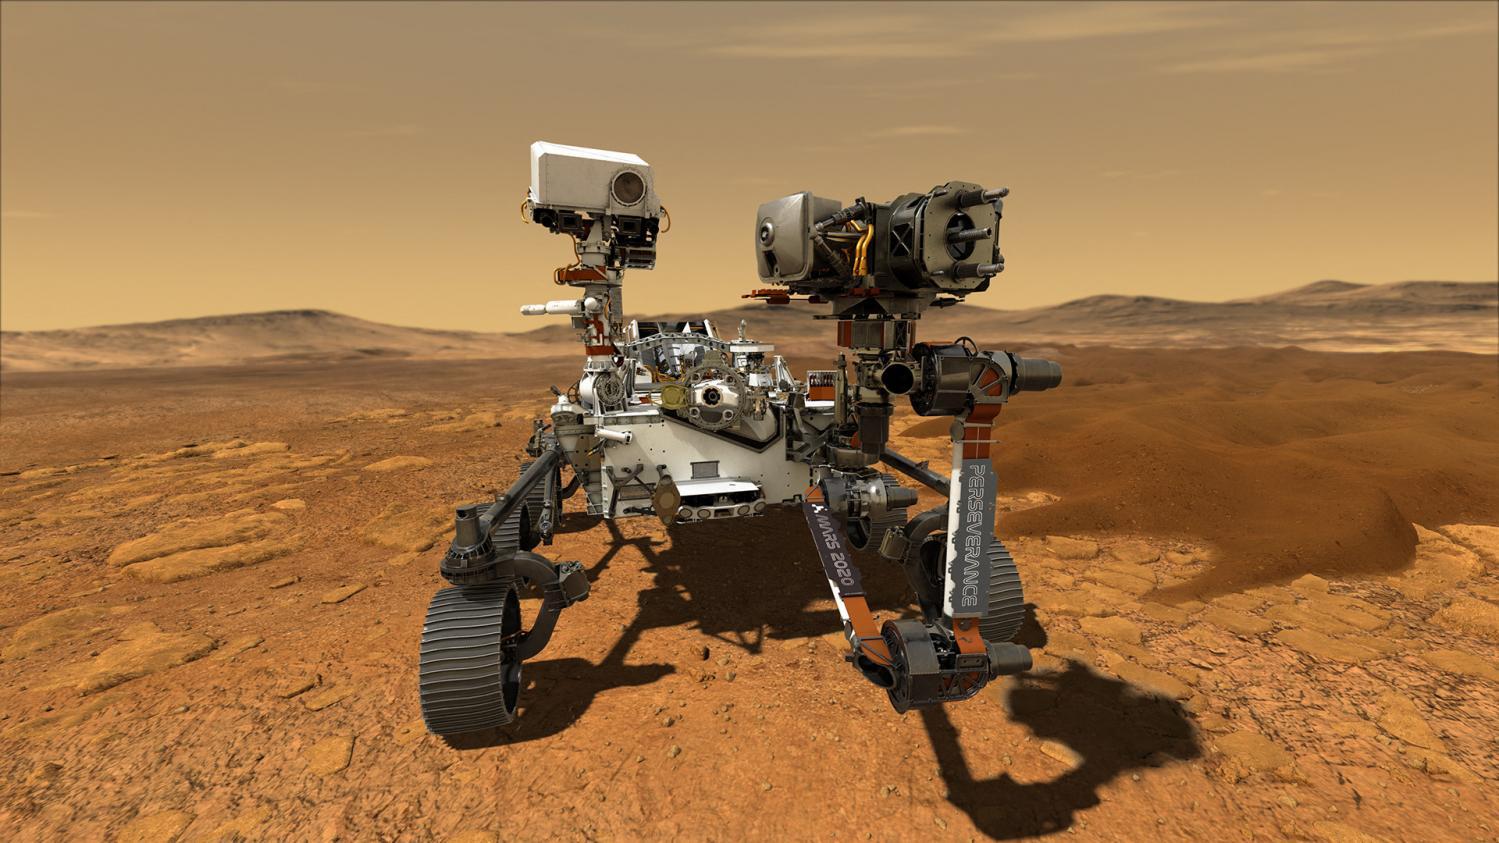 Des images et des sons inédits de la planète Mars envoyés par Perseverance - Franceinfo